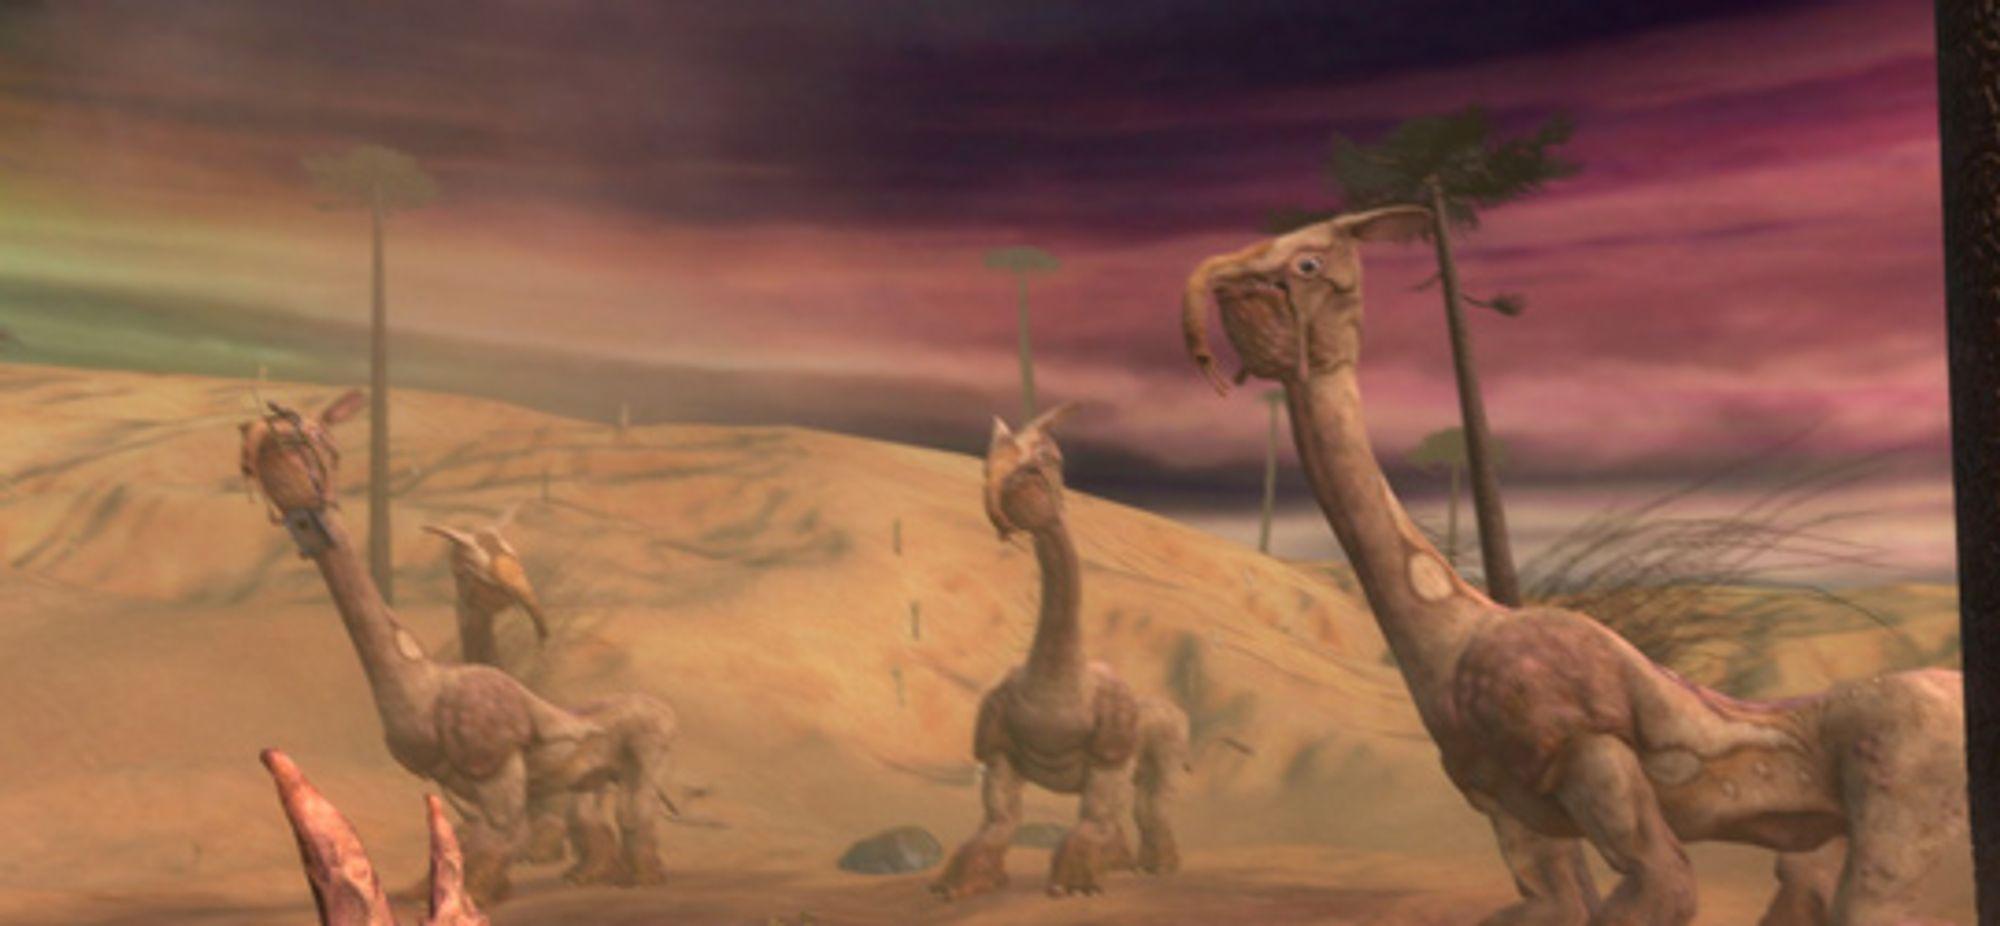 Sære ørkendyr. Gled deg til bosskampen her.